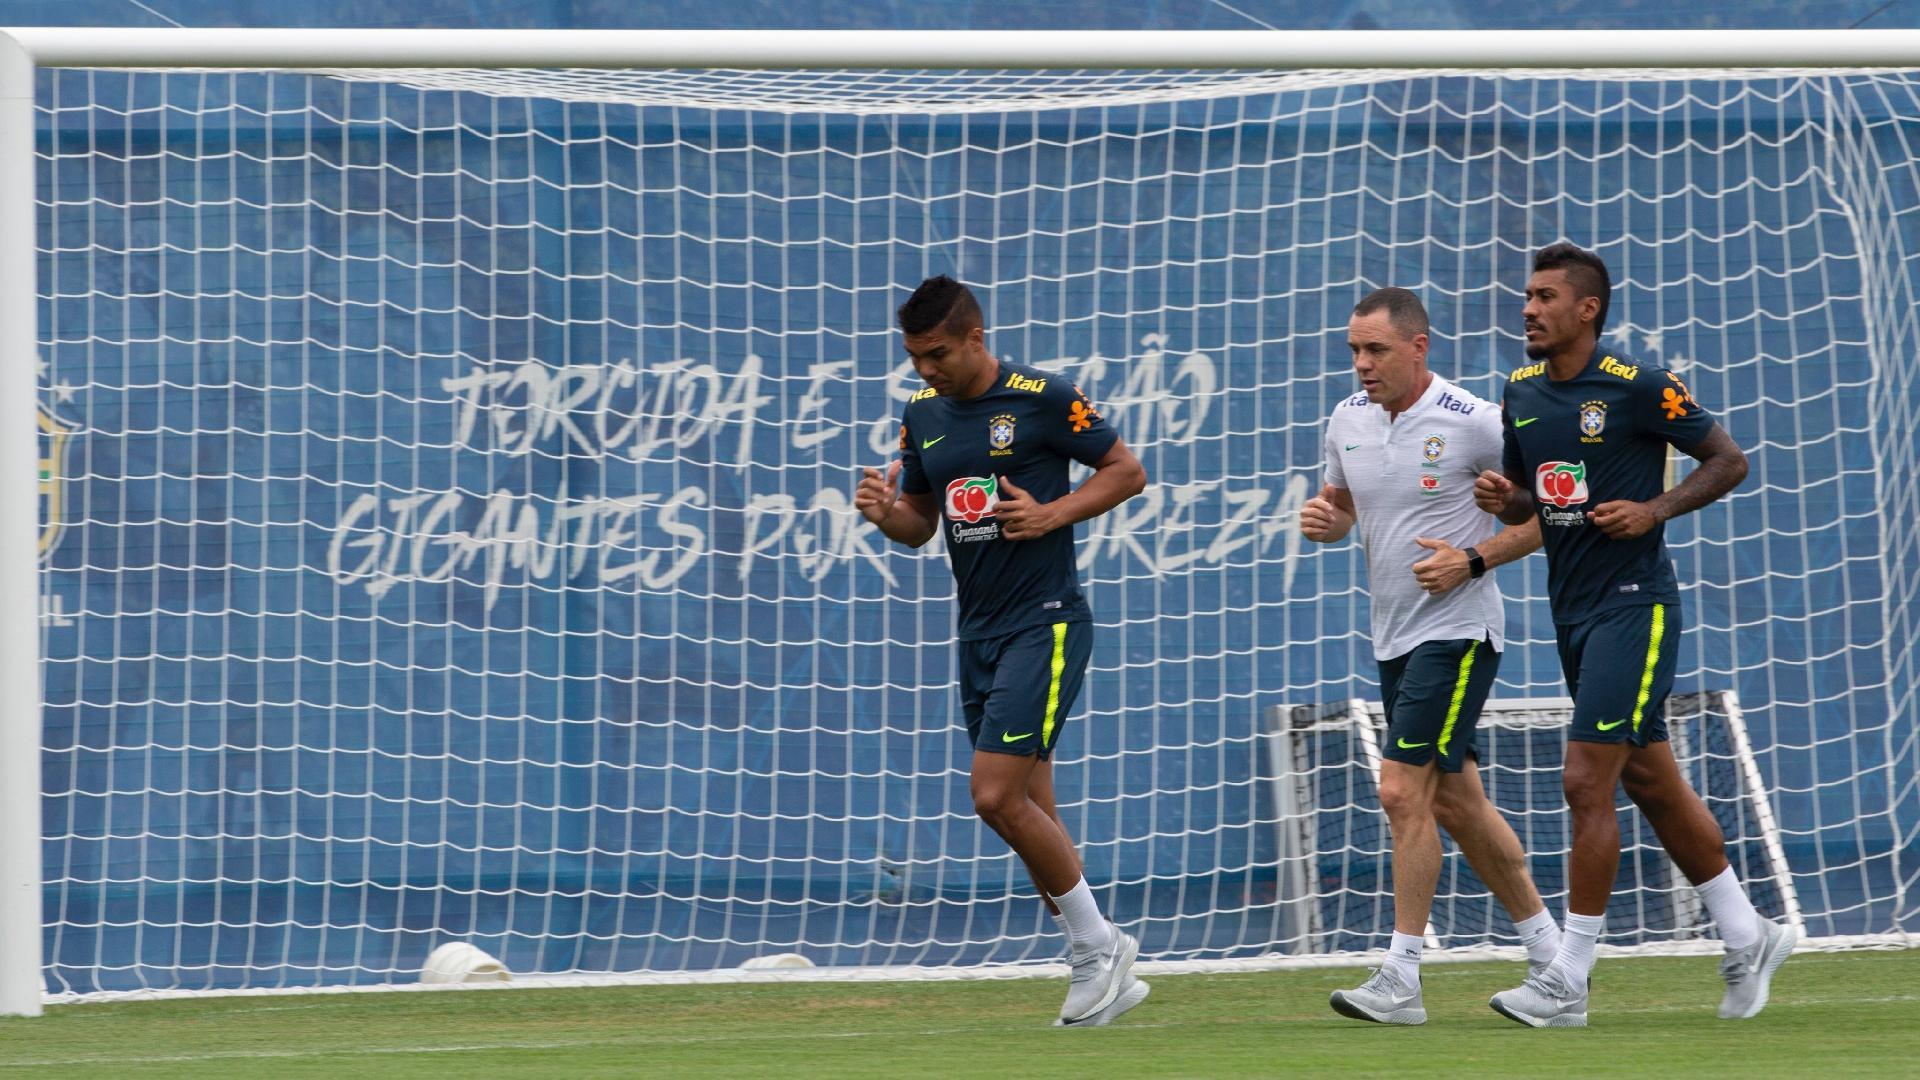 Titulares, Casemiro e Paulinho correm ao redor do campo